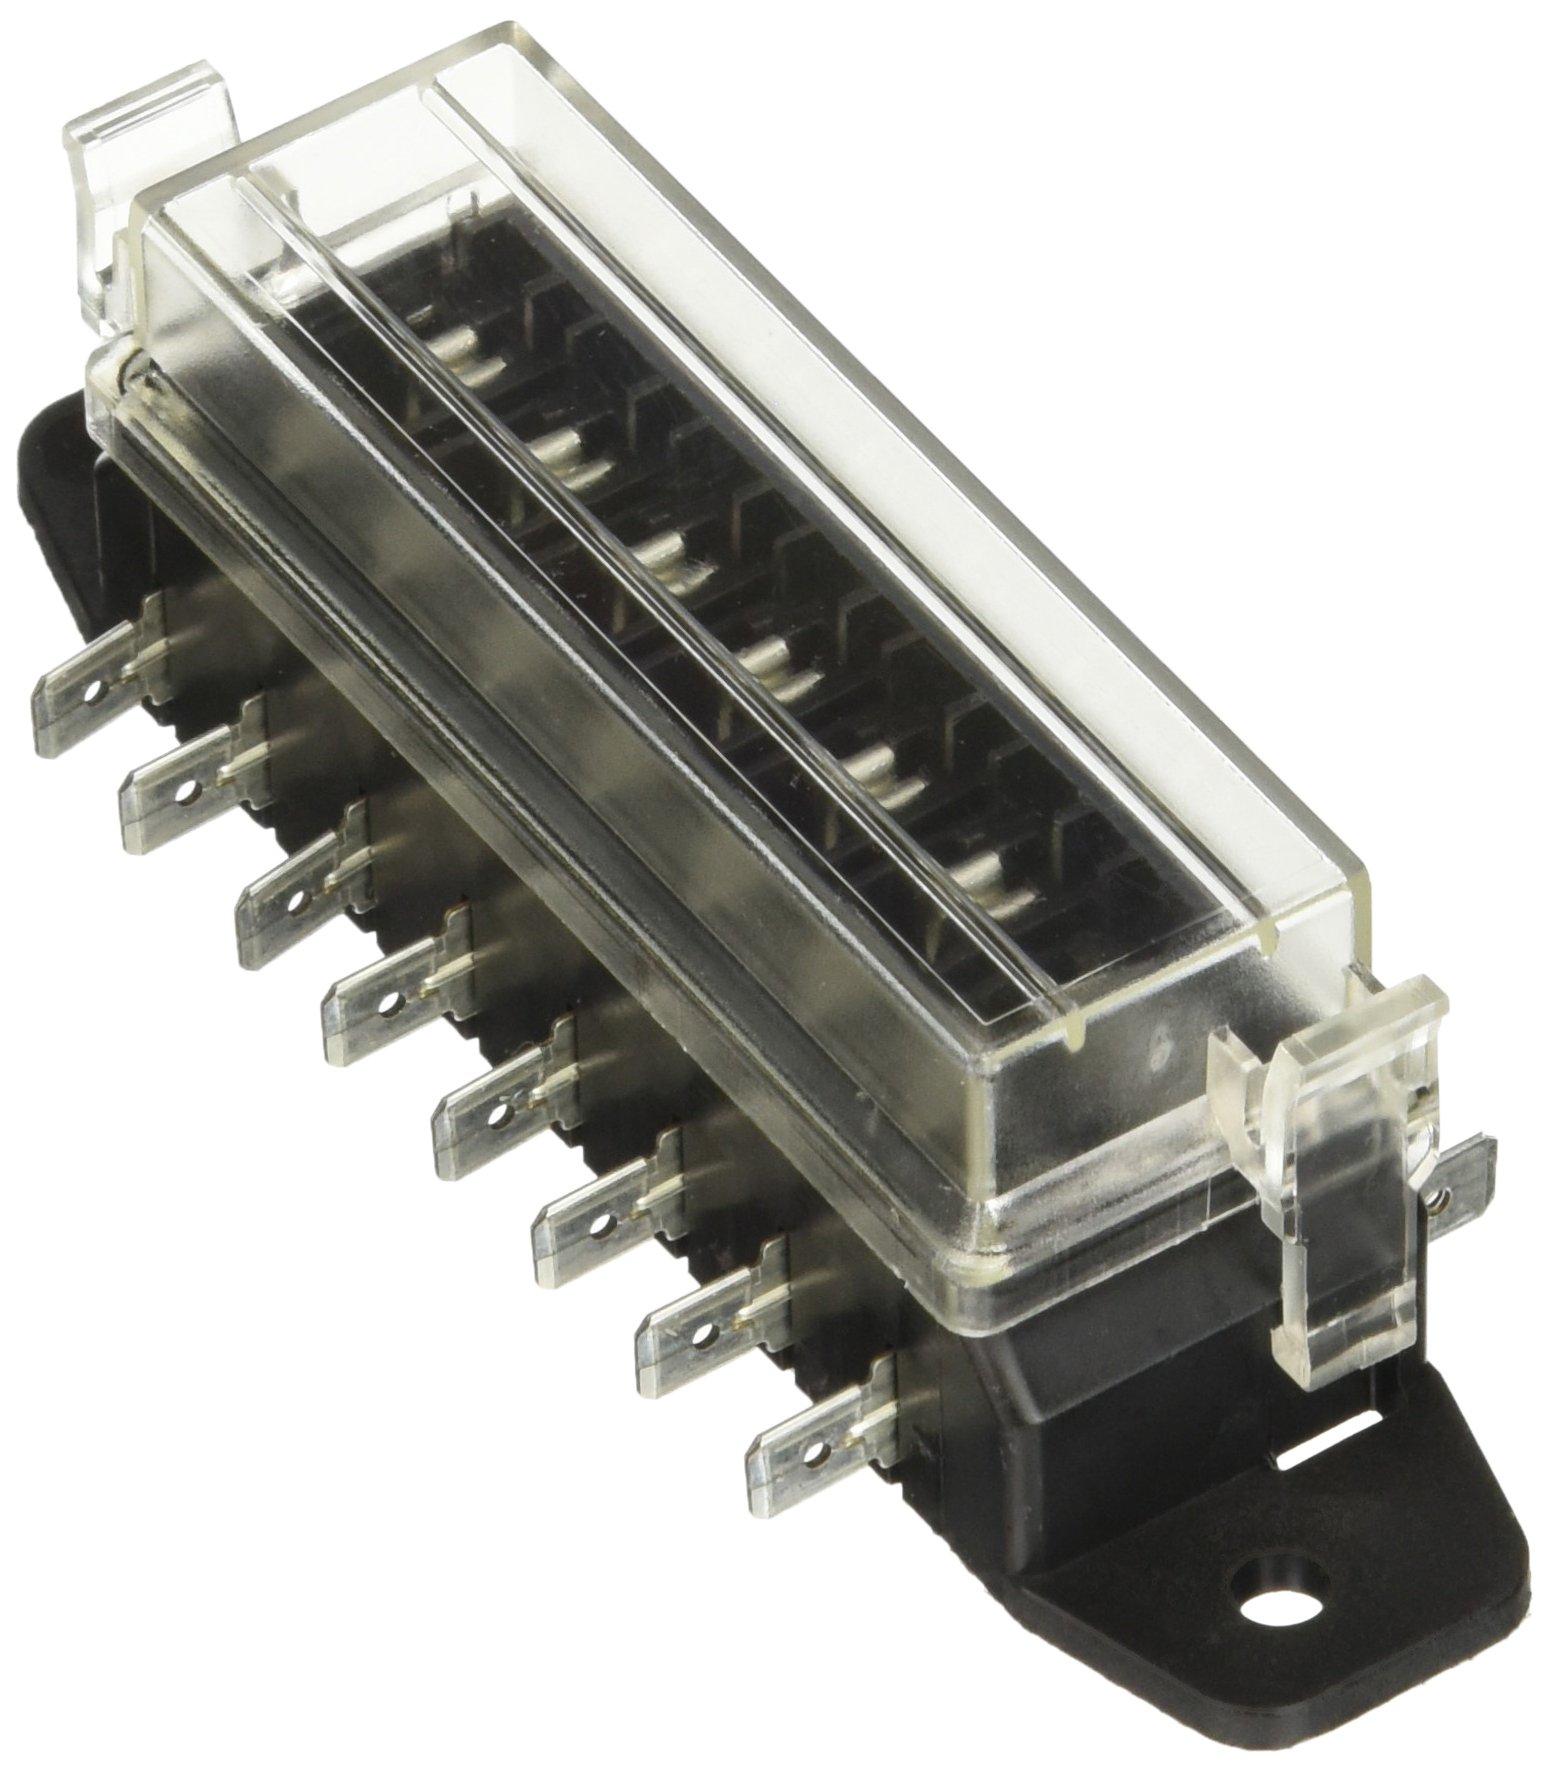 relay box amazon com Y Tubing Connector